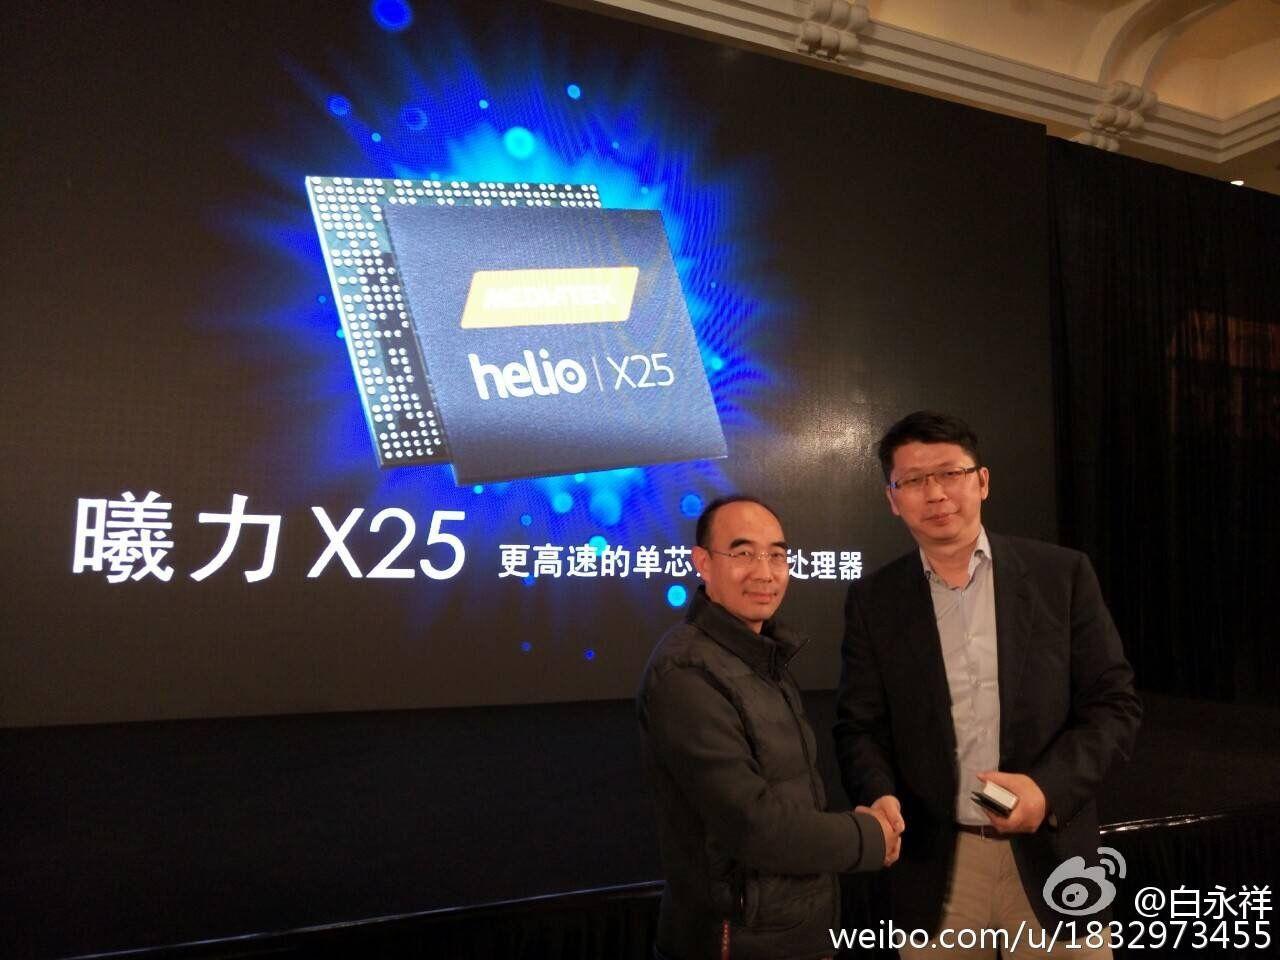 MediaTekのHelio X20の発表会にMeizu CEOの 白永祥 氏 が出席し、Meizu Pro 6にHelio X25を搭載することを発表